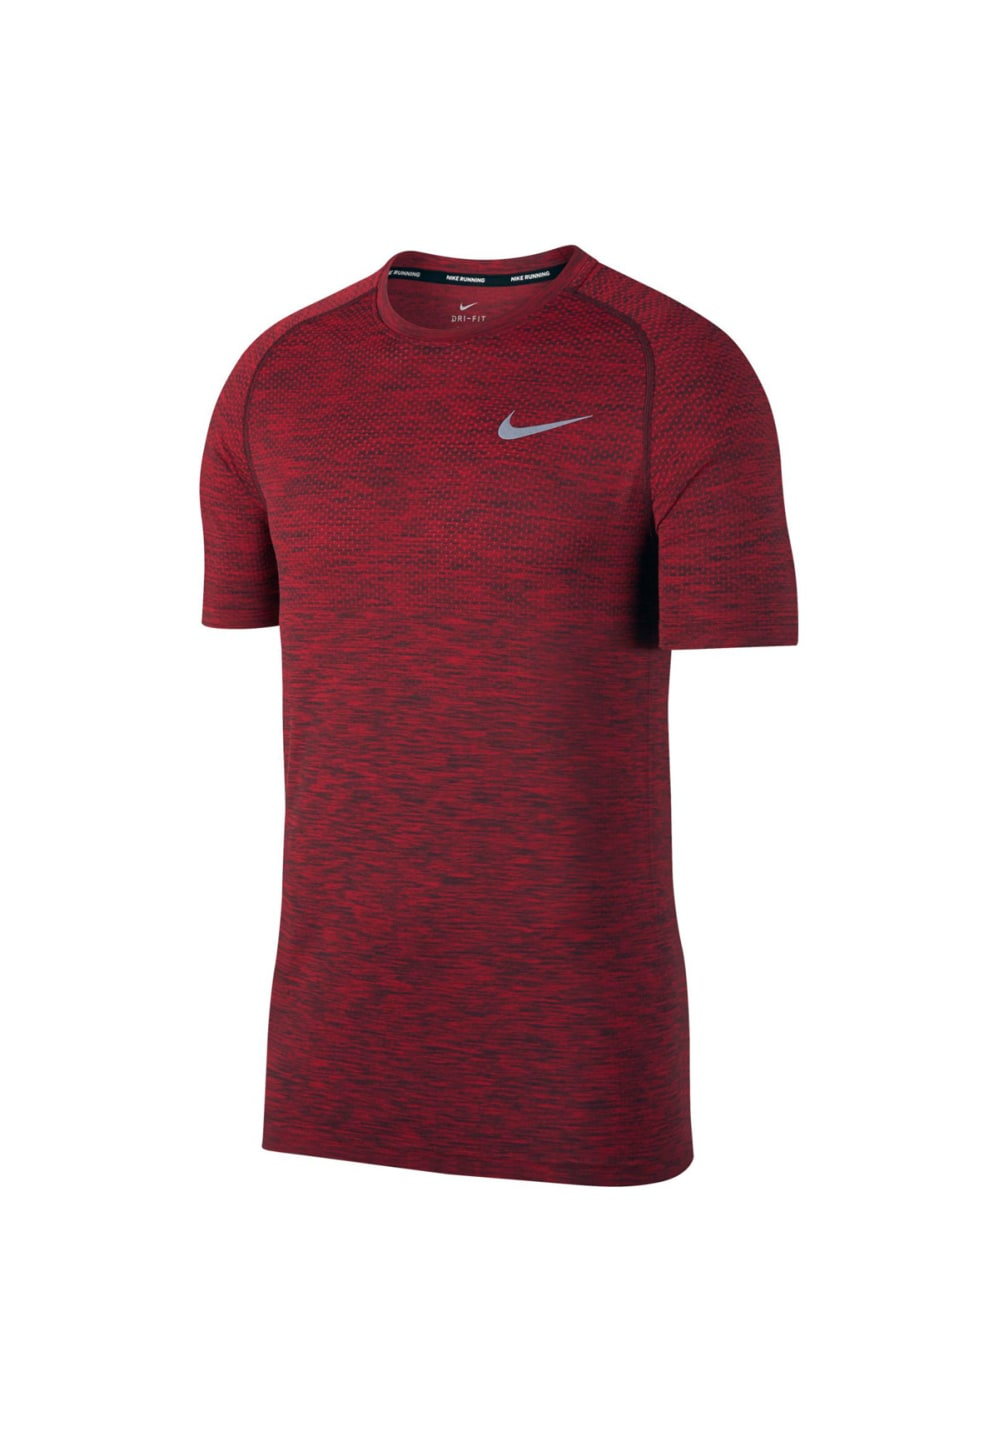 nouveau produit 19df0 2f7b1 Nike Dri-FIT Knit Running Top - Maillot de course pour Homme - Rouge